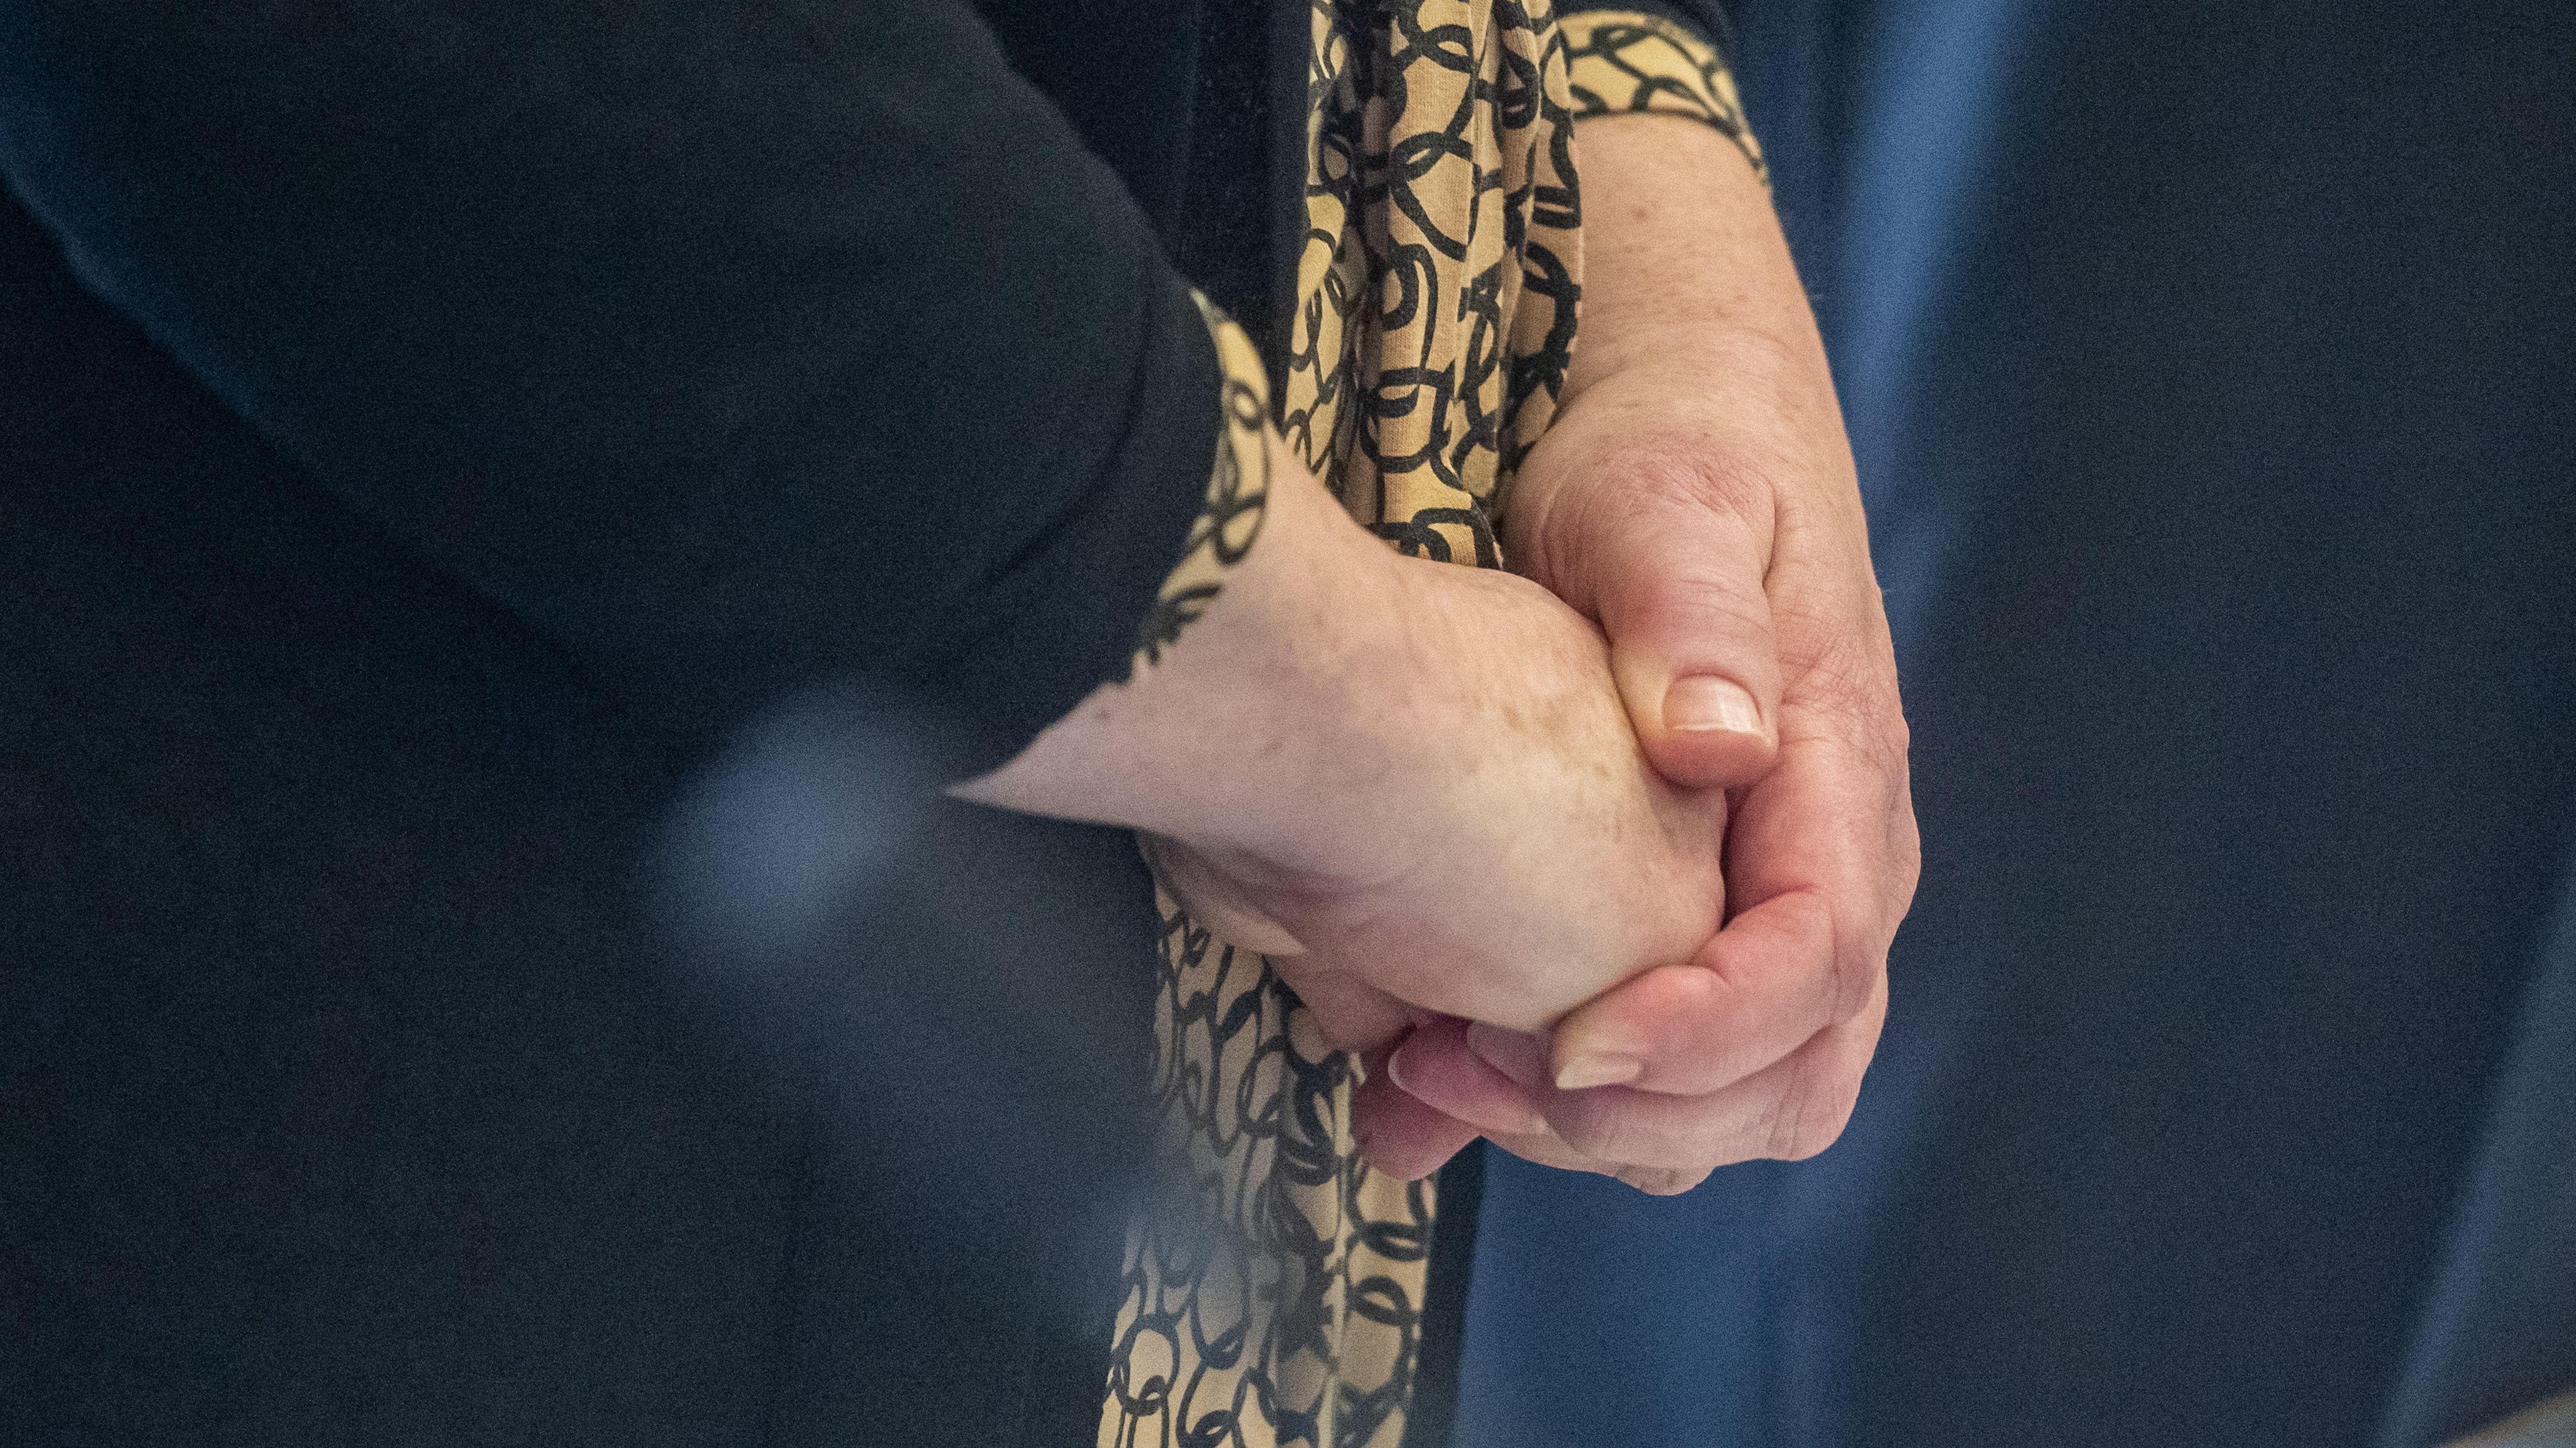 Die 61-Jährige Angeklagte hat am ersten Prozesstag in Regensburg geschwiegen.